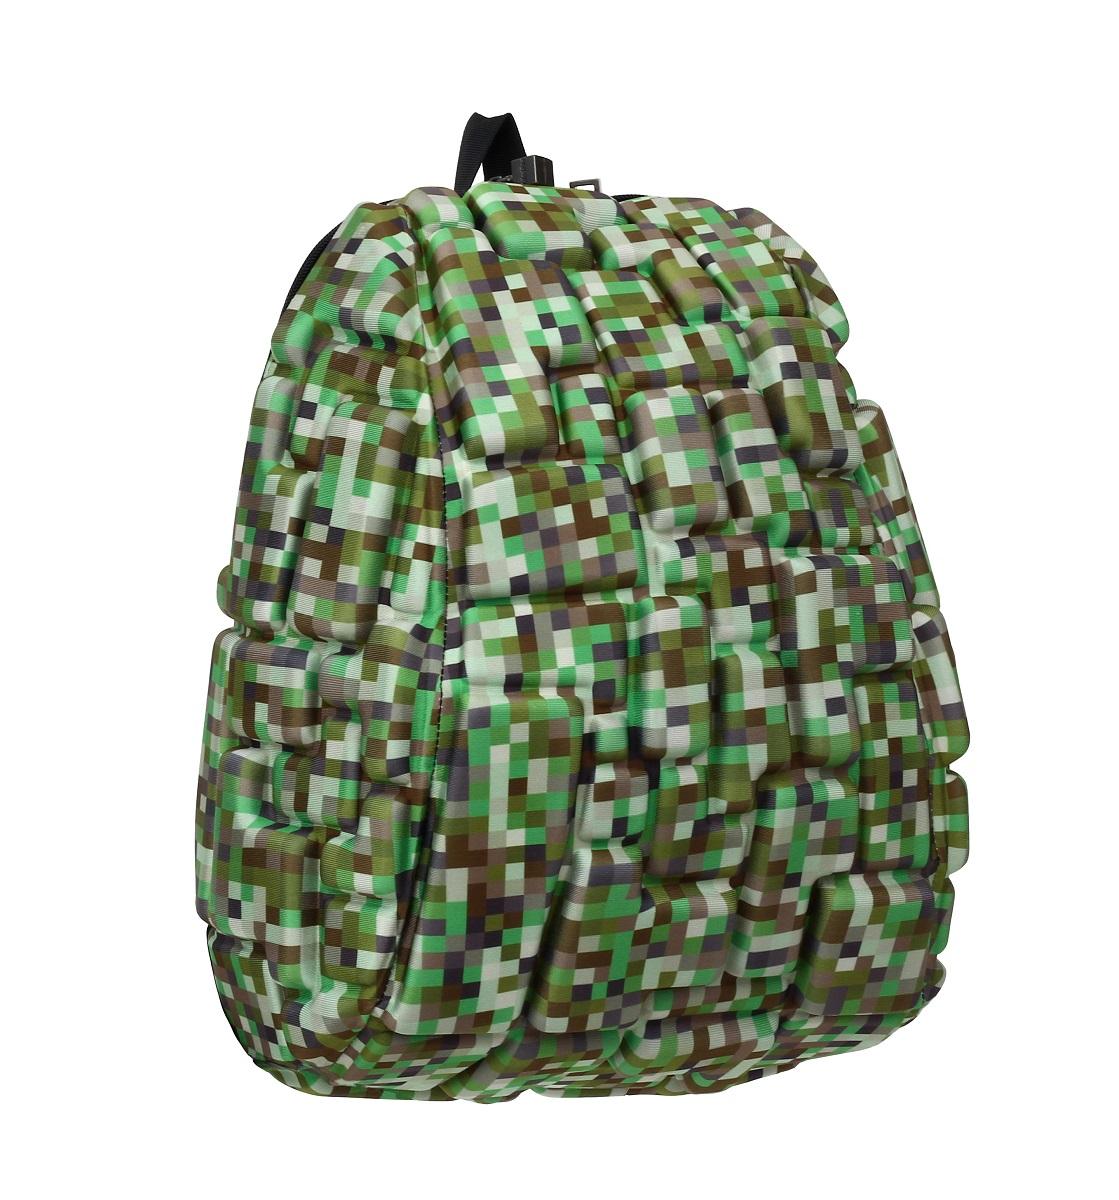 Рюкзак молодежный MadPax Blok Half, 16 лKZ24484104Легкий и вместительный рюкзак с одним основным отделением с застежкой на молниии. В основное отделение с легкостью входит ноутбук размером диагонали 13 дюймов, iPad и формат А4. Незаменимый аксессуар как для активного городского жителя, так и для школьников и студентов. Широкие лямки можно регулировать для наиболее удобной посадки, а мягкая ортопедическая спинка делает ношение наиболее удобным и комфортным.